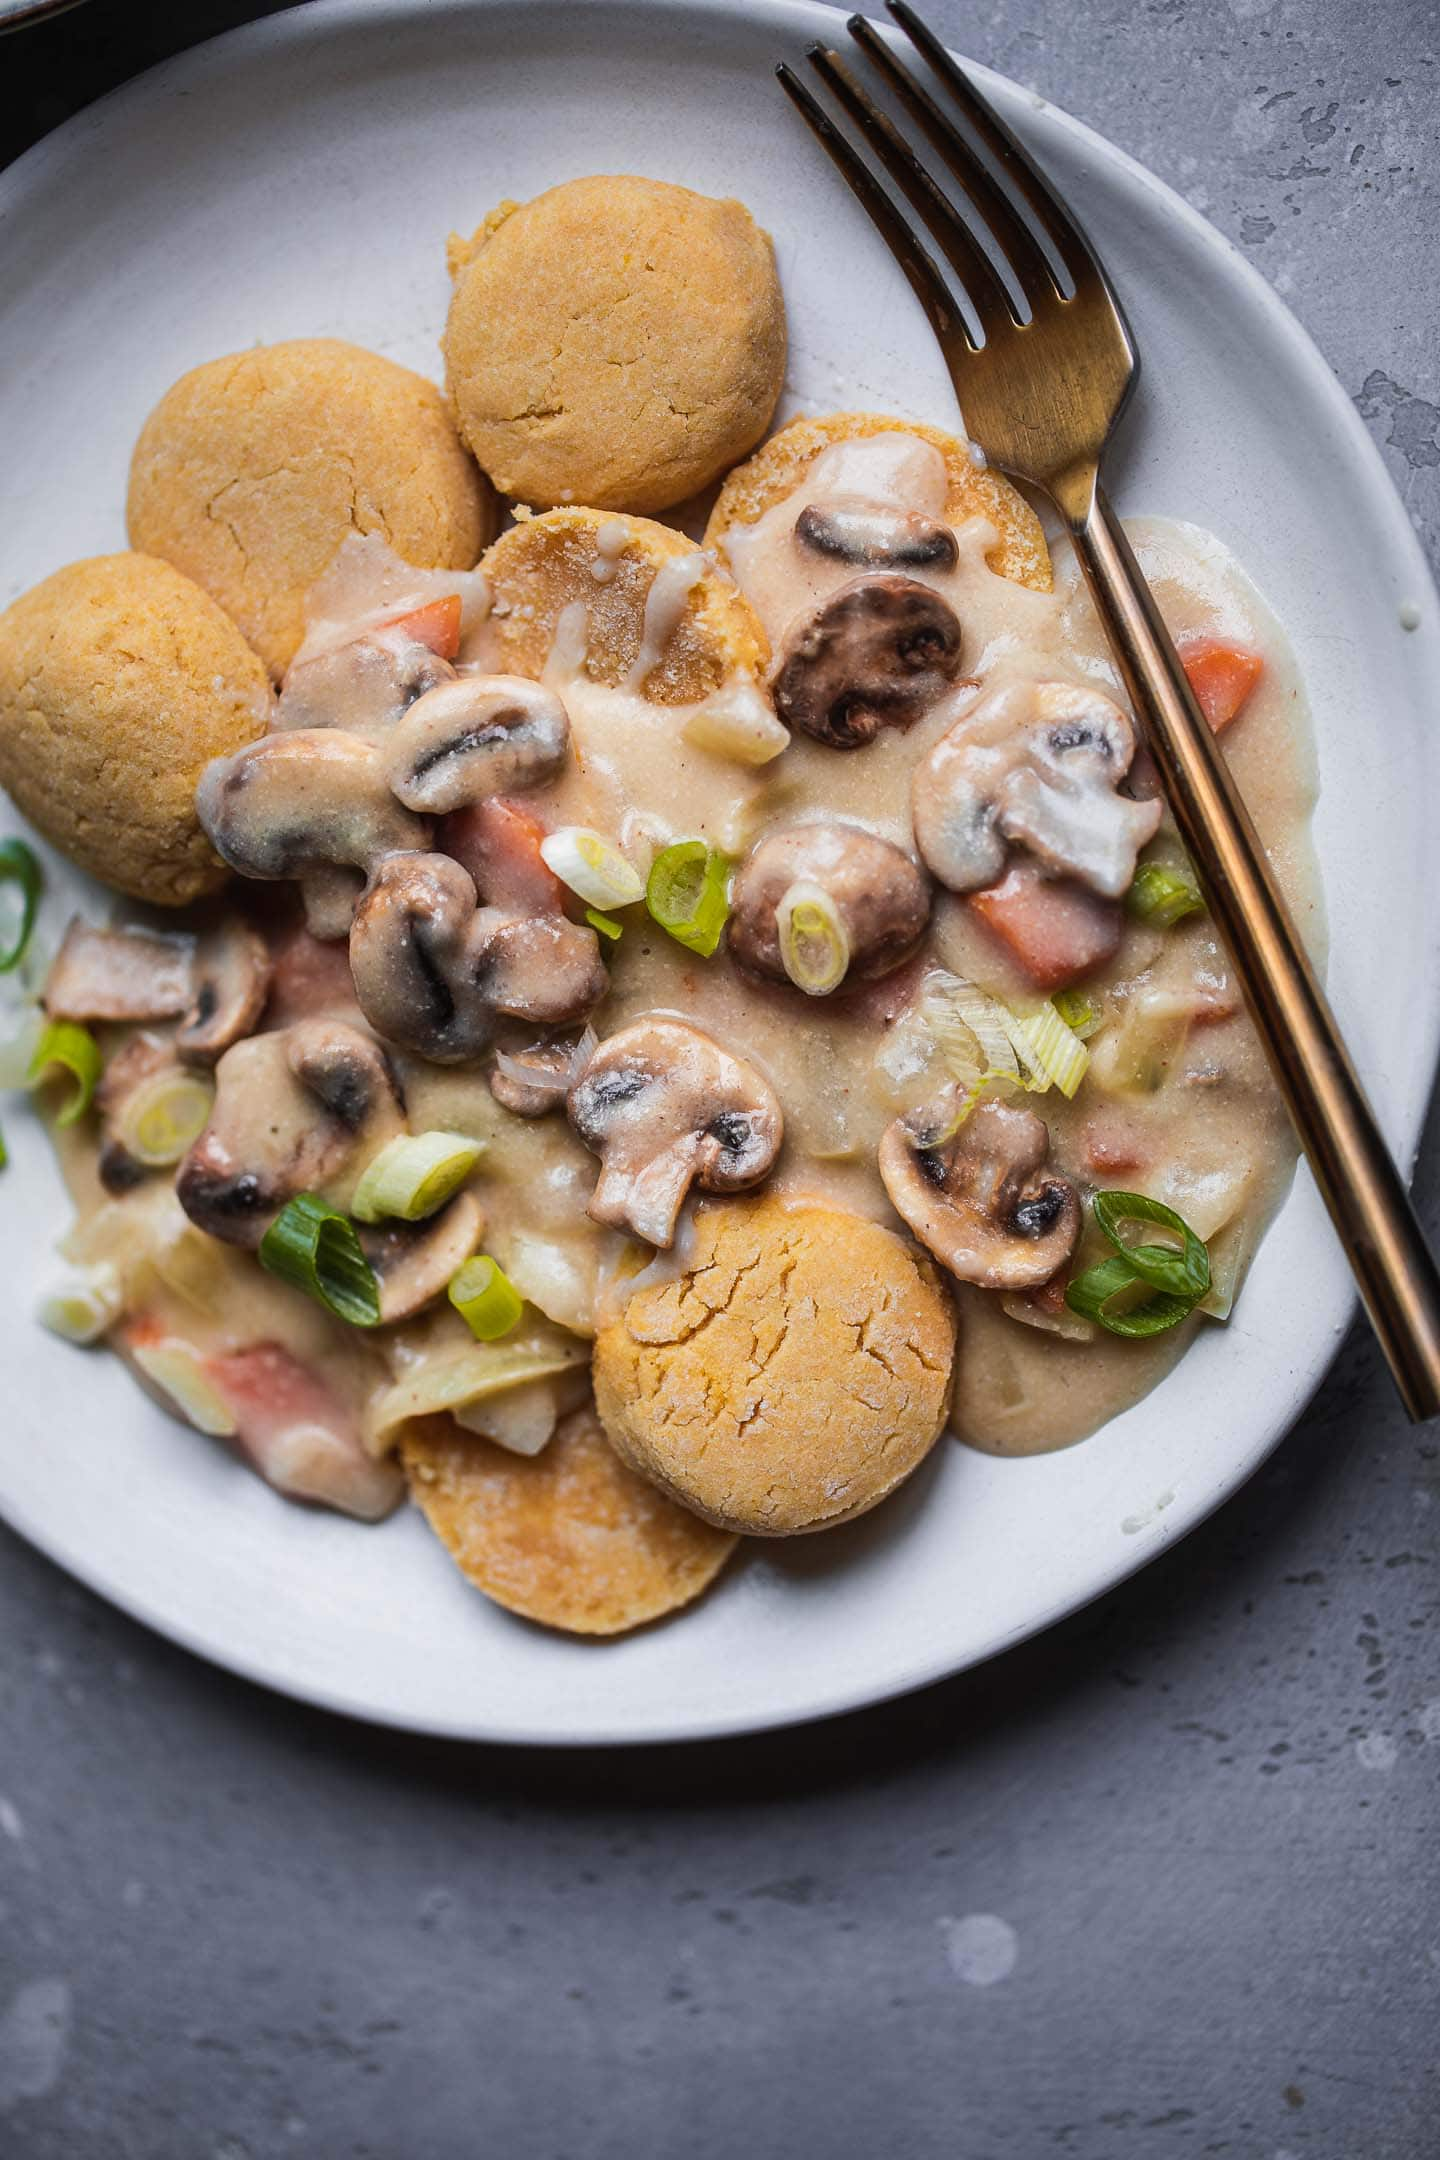 Vegan biscuits and gravy (gluten-free)